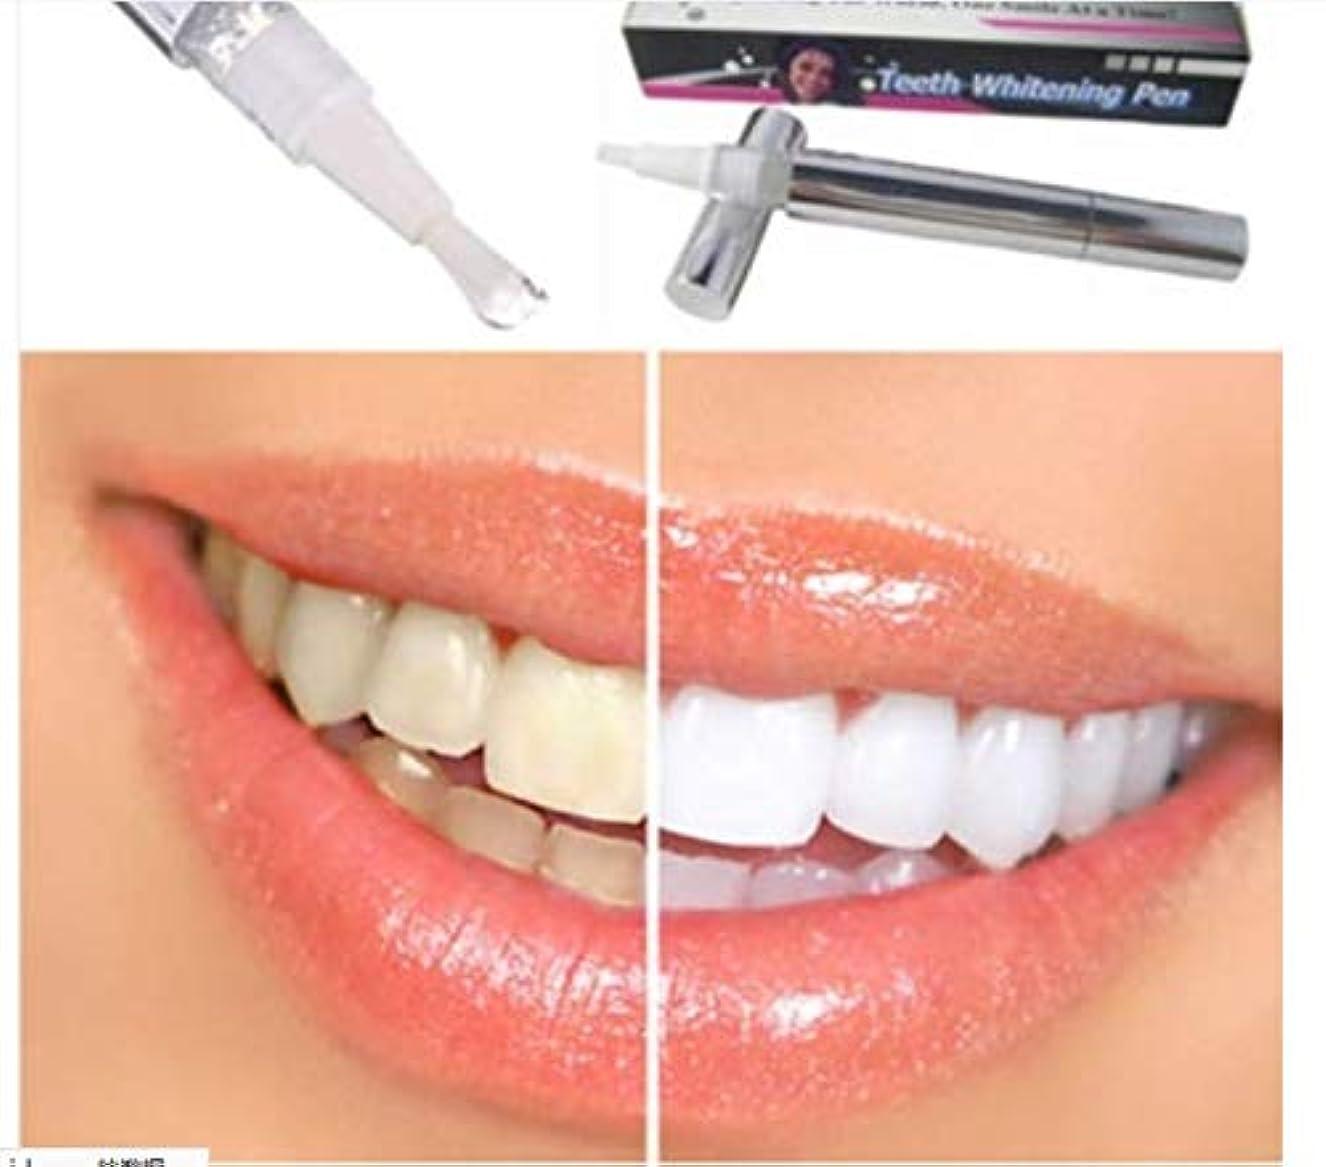 ずらす温度歌うホワイトニングペン型真っ白な歯 ホワイトニングペン 歯の白い漂白剤 瞬間汚れ消しゴムリムーバー